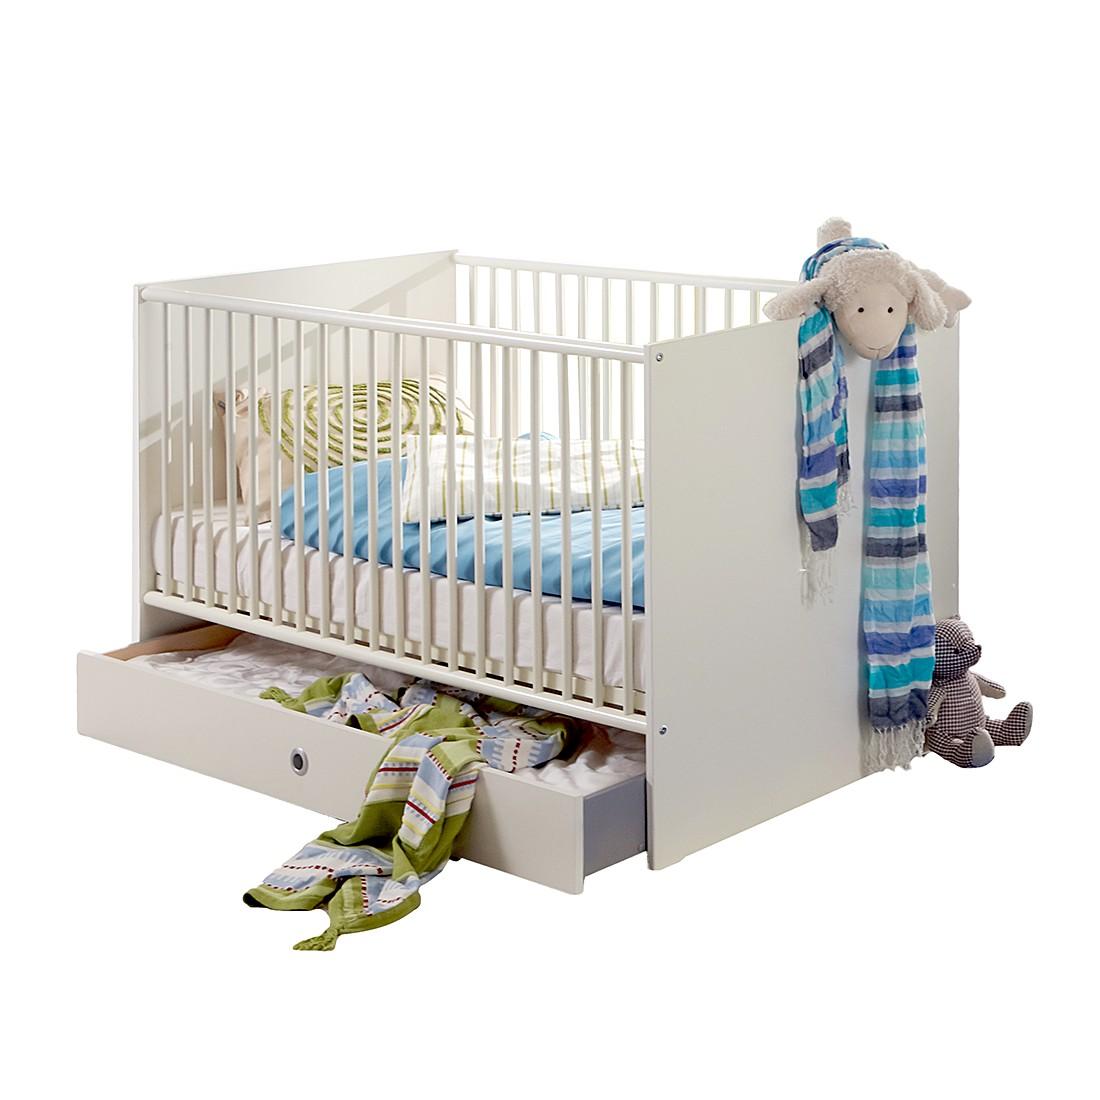 Lit pour bébé Bibo - Blanc alpin Lit bébé avec côtés et tiroirs de lit, Wimex